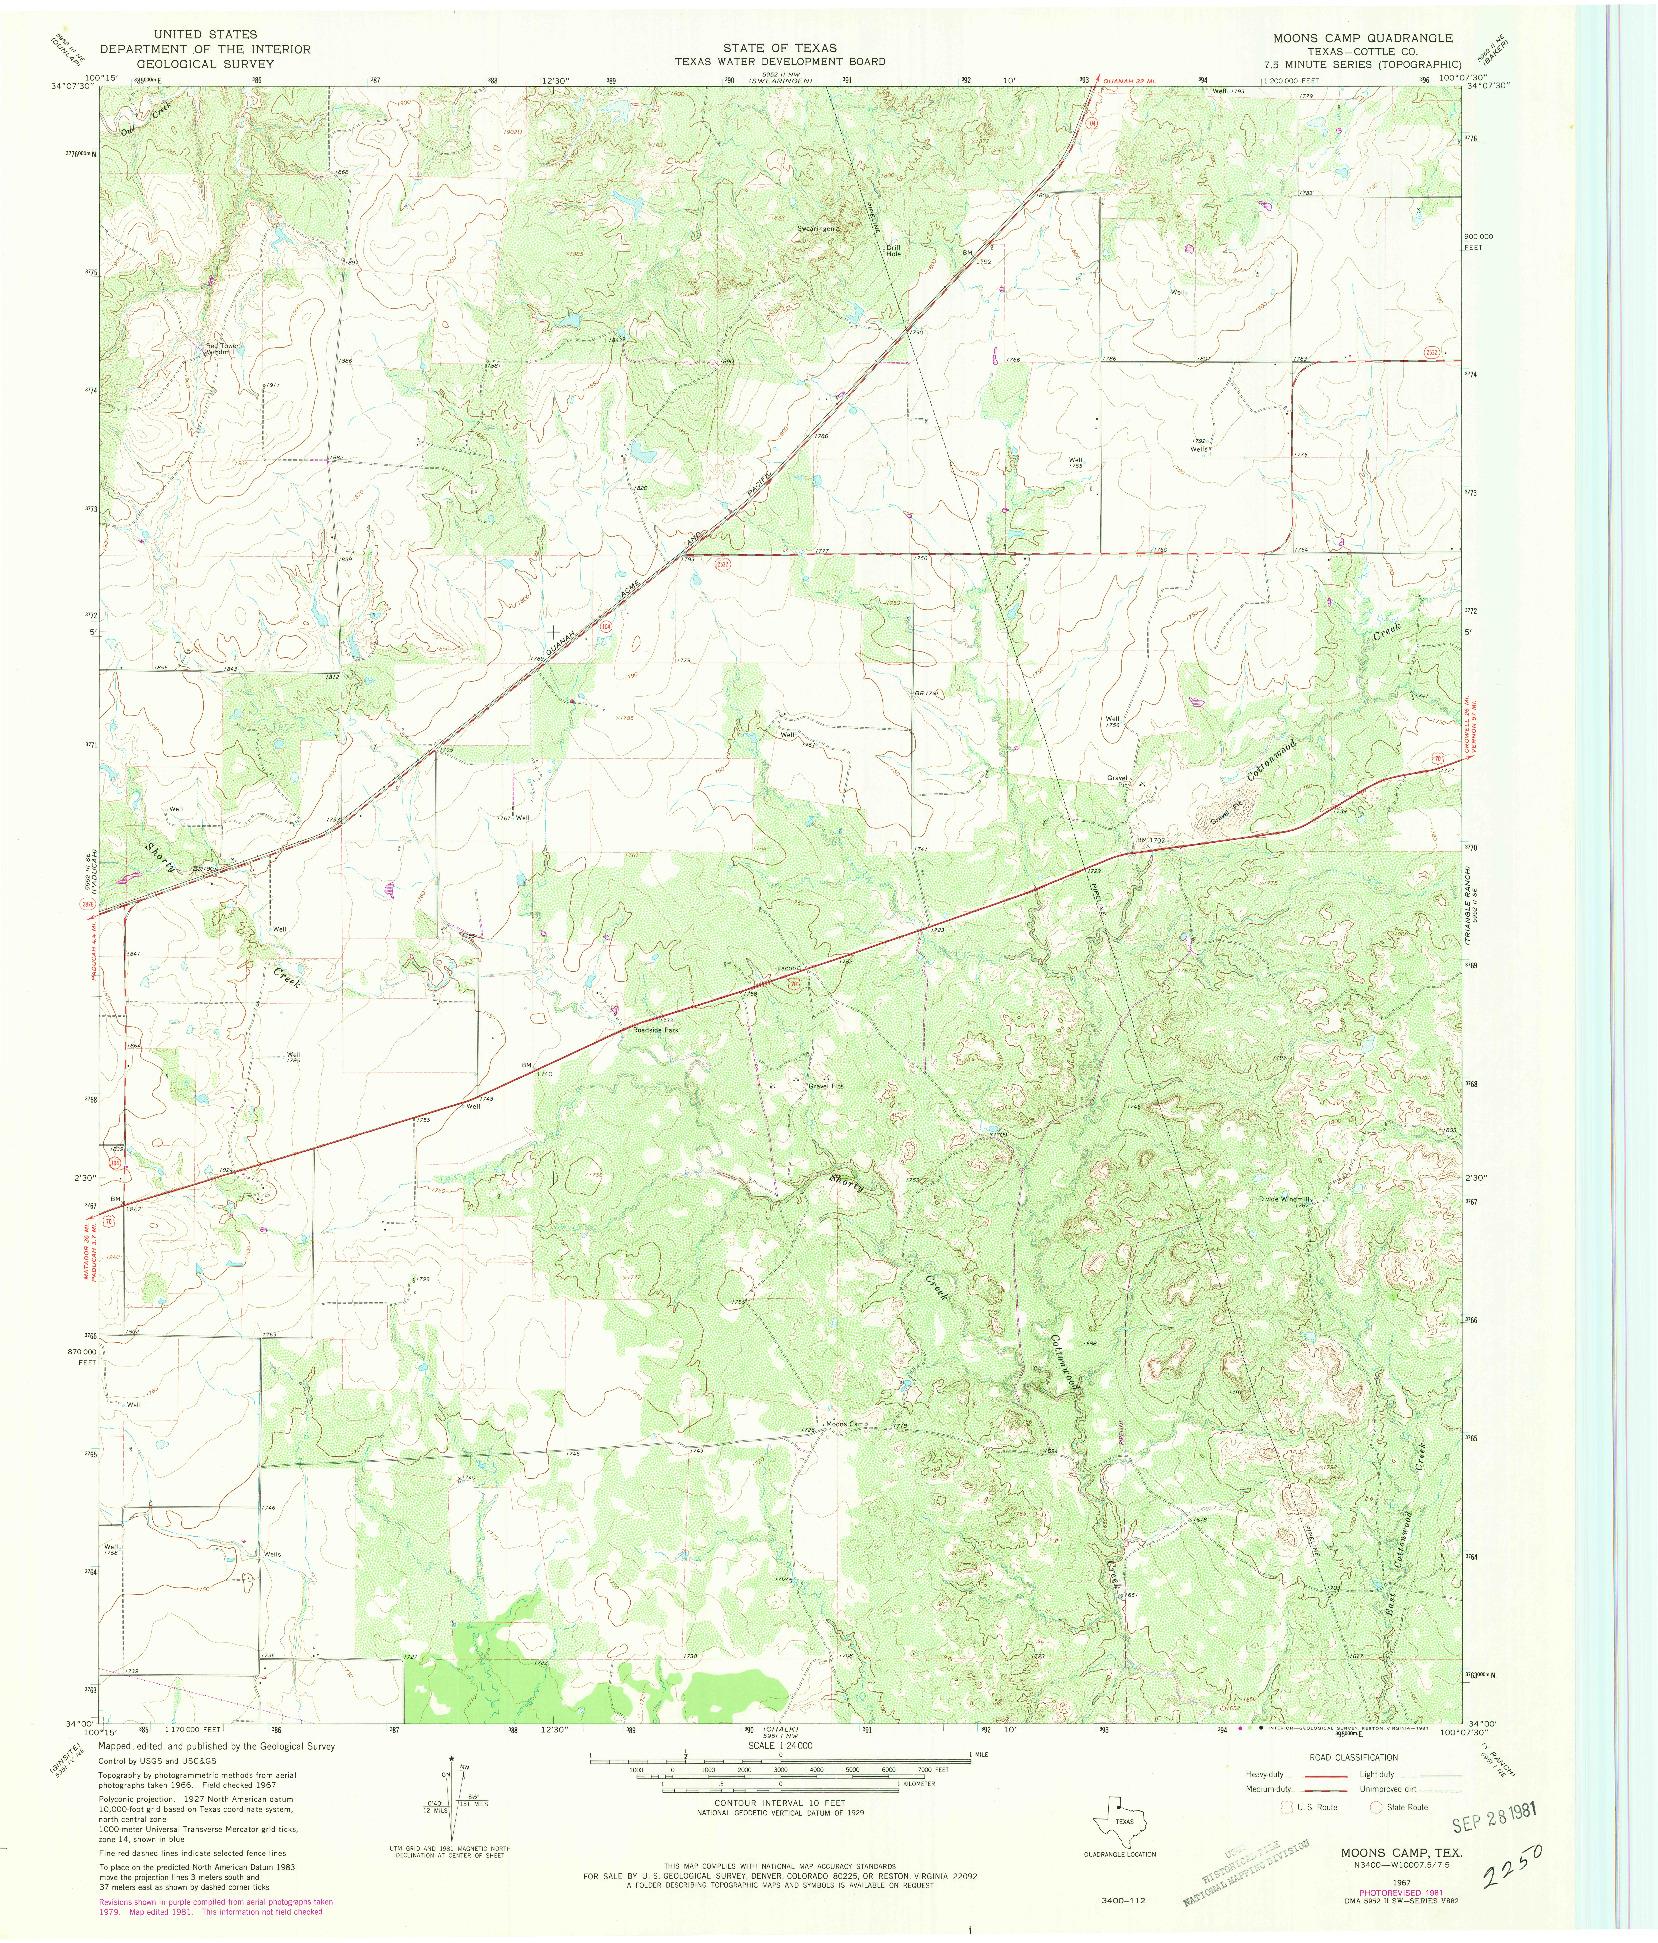 USGS 1:24000-SCALE QUADRANGLE FOR MOONS CAMP, TX 1967